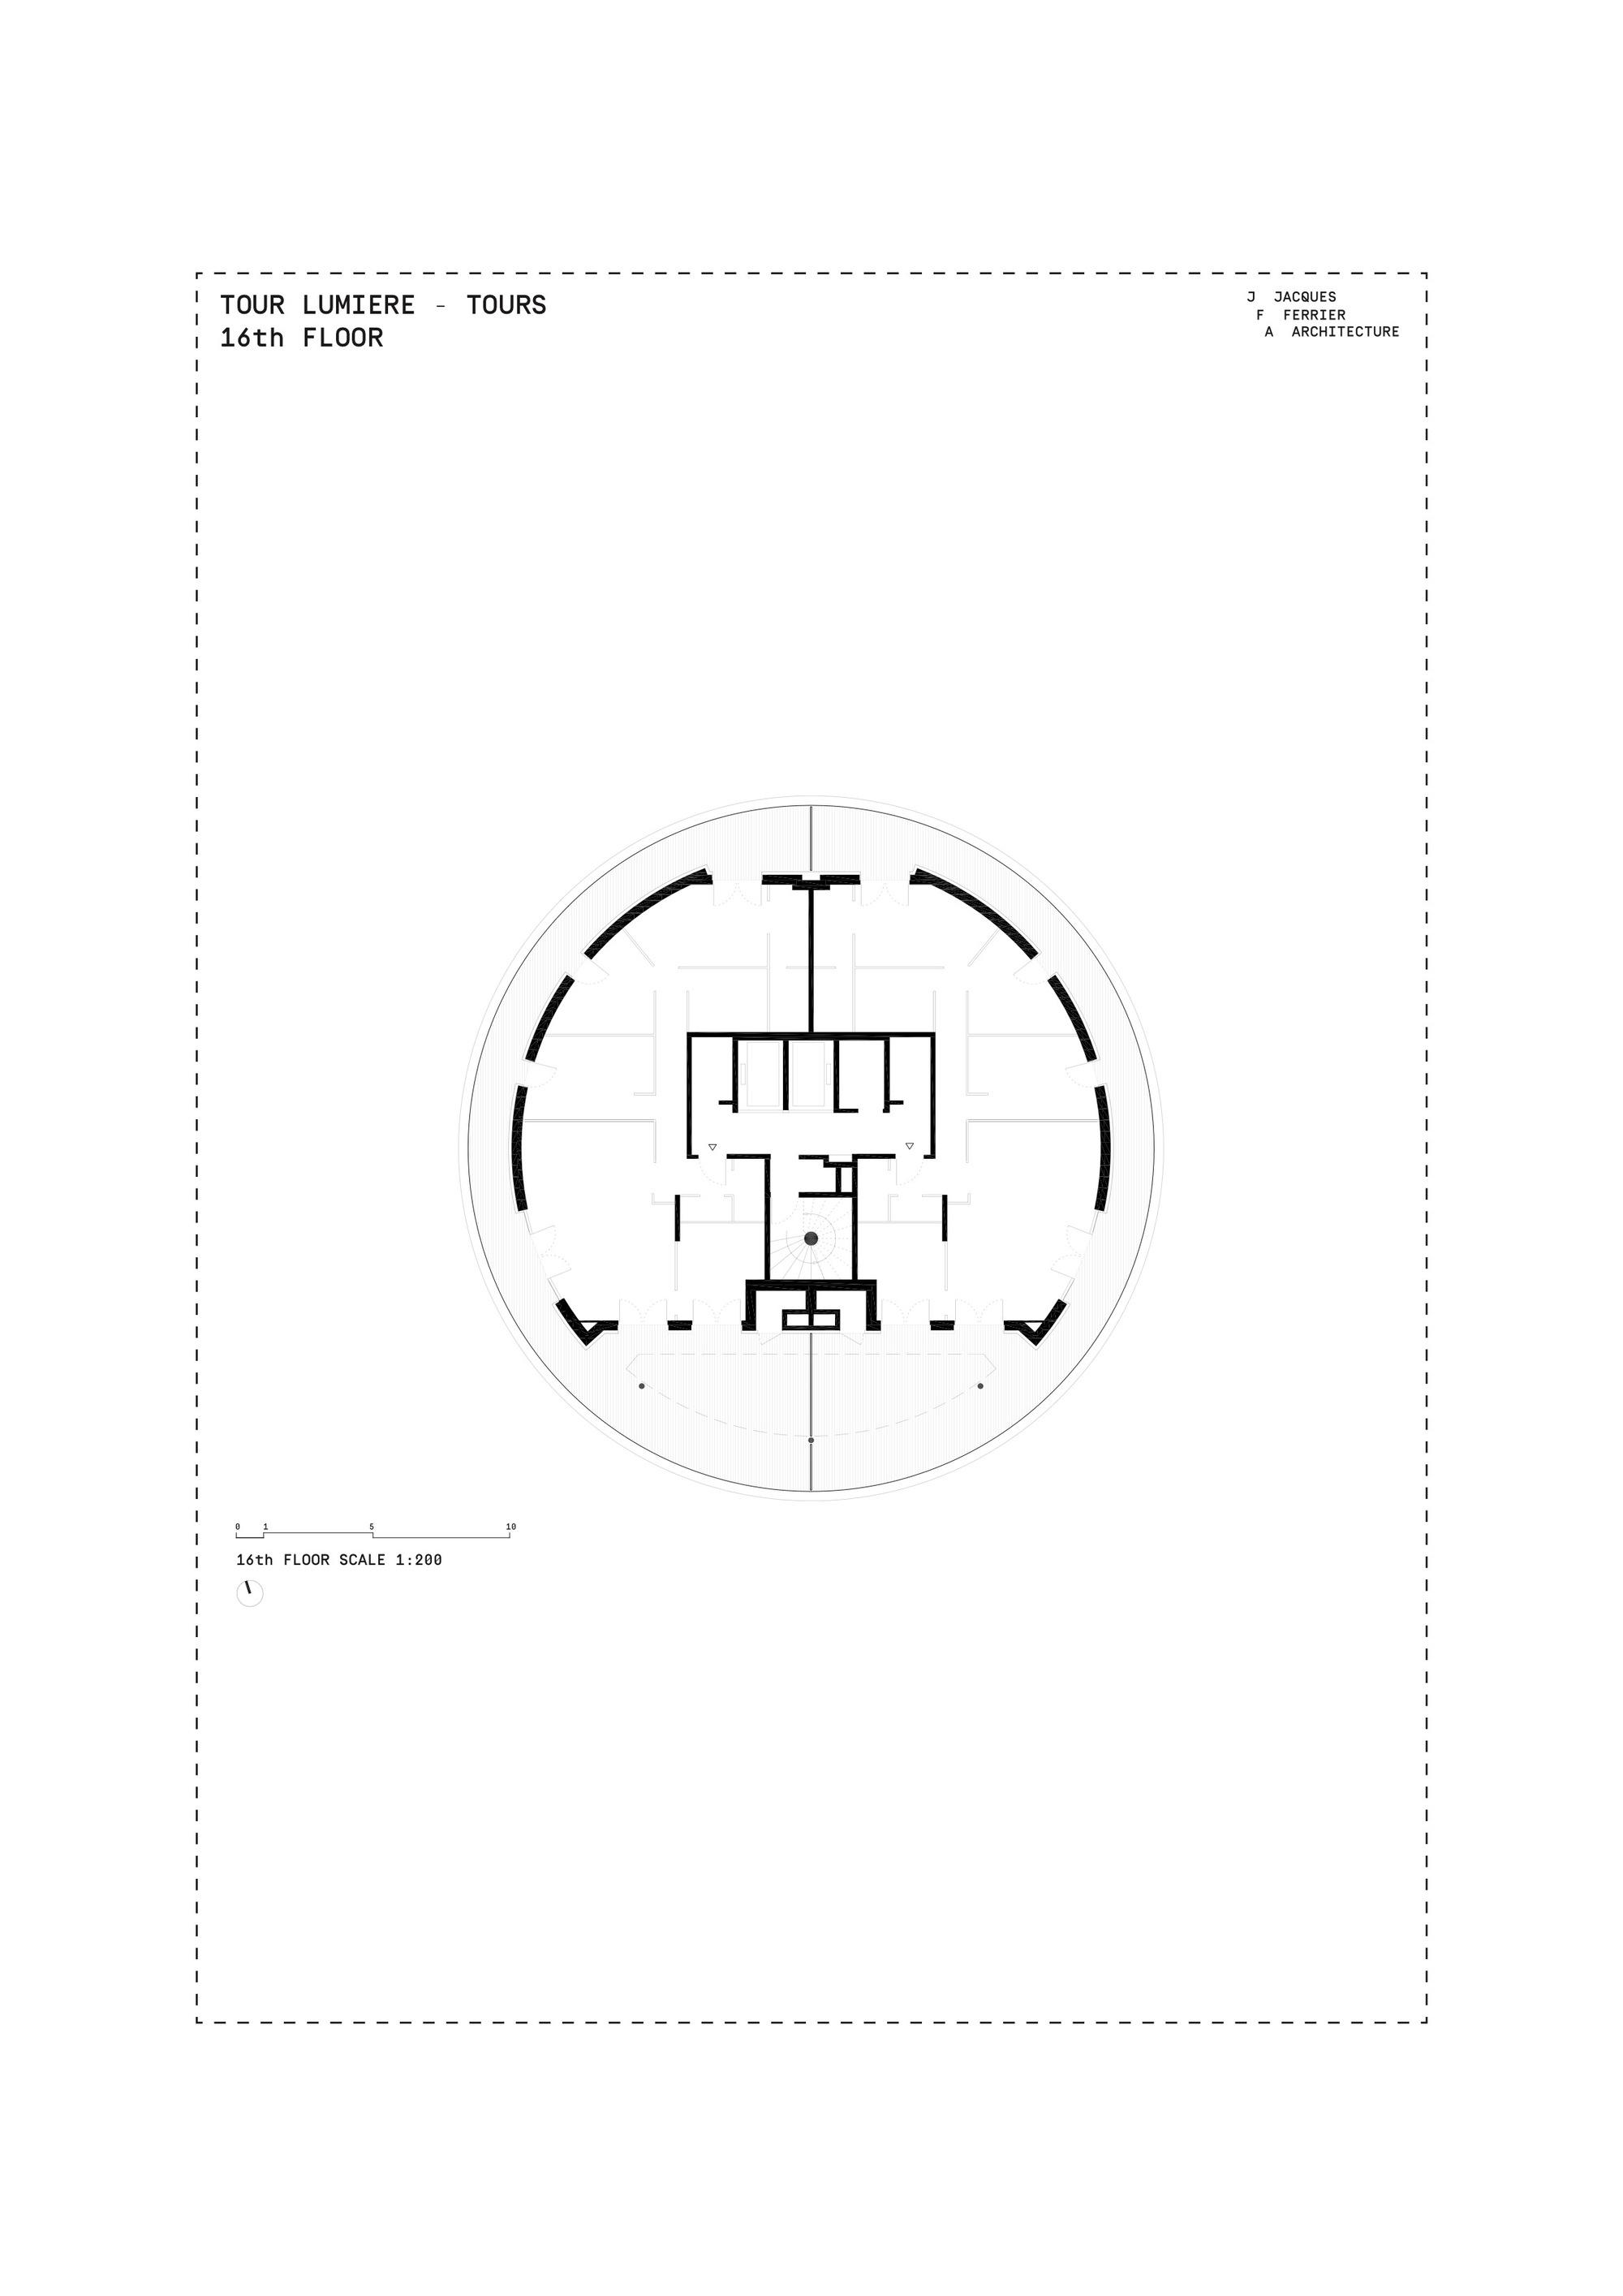 Lumiere Floor Plan Galer 237 A De Tour Lumi 232 Re Jacques Ferrier Architecture 45